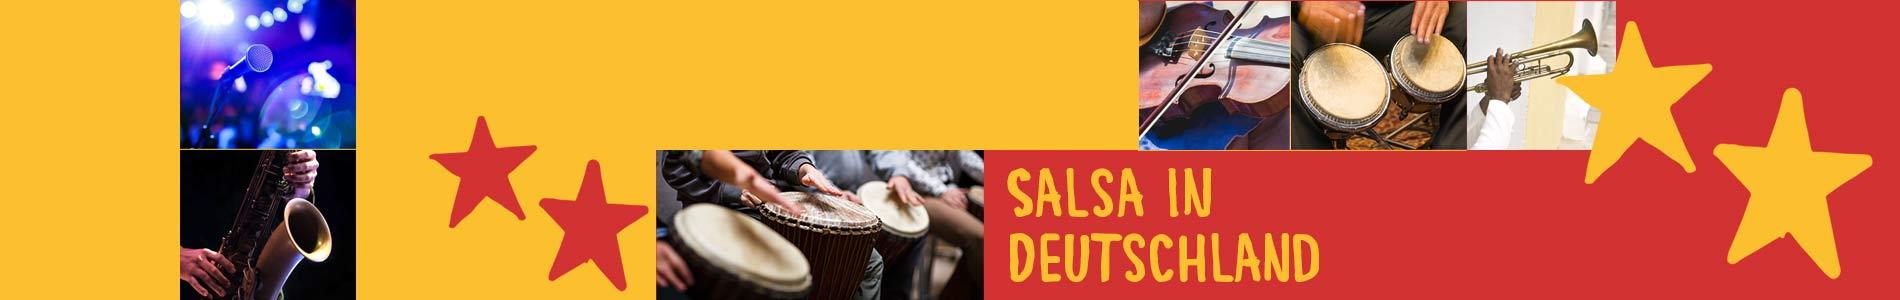 Salsa in Bühlerzell – Salsa lernen und tanzen, Tanzkurse, Partys, Veranstaltungen